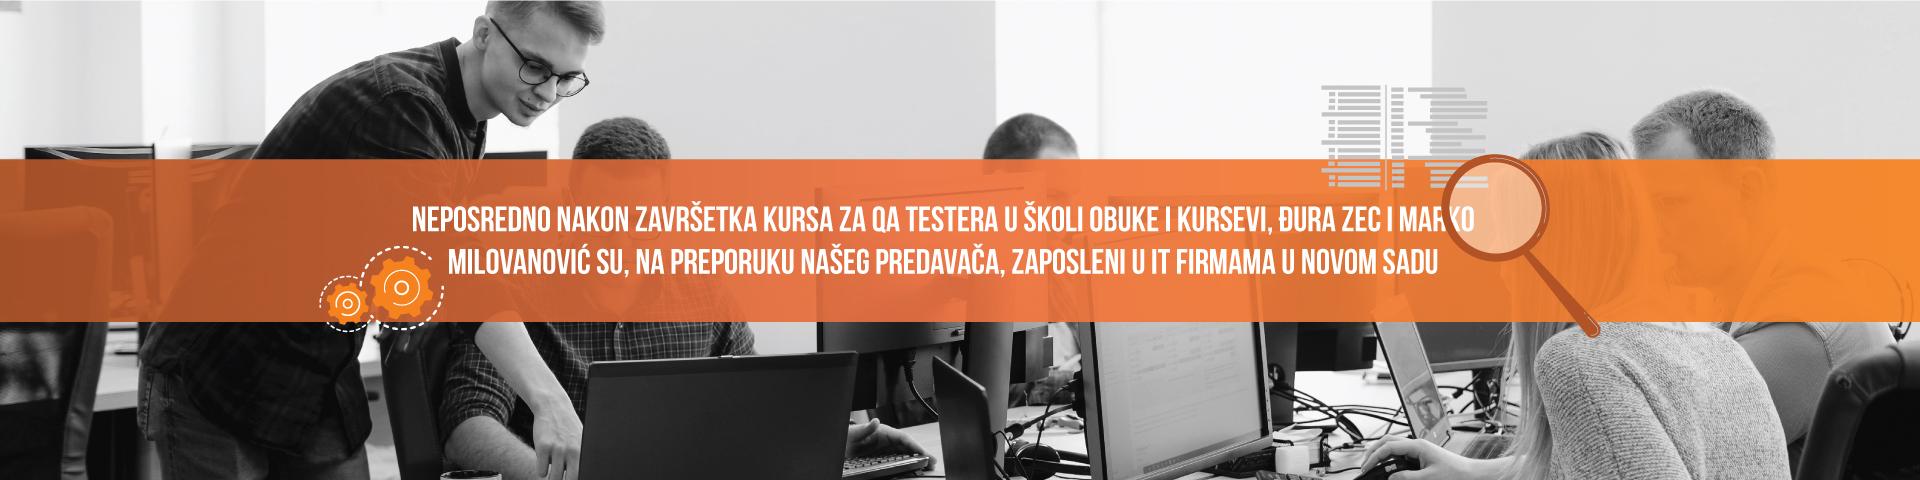 Slider-QA-Đura-Zec-Marko-Milovanovic